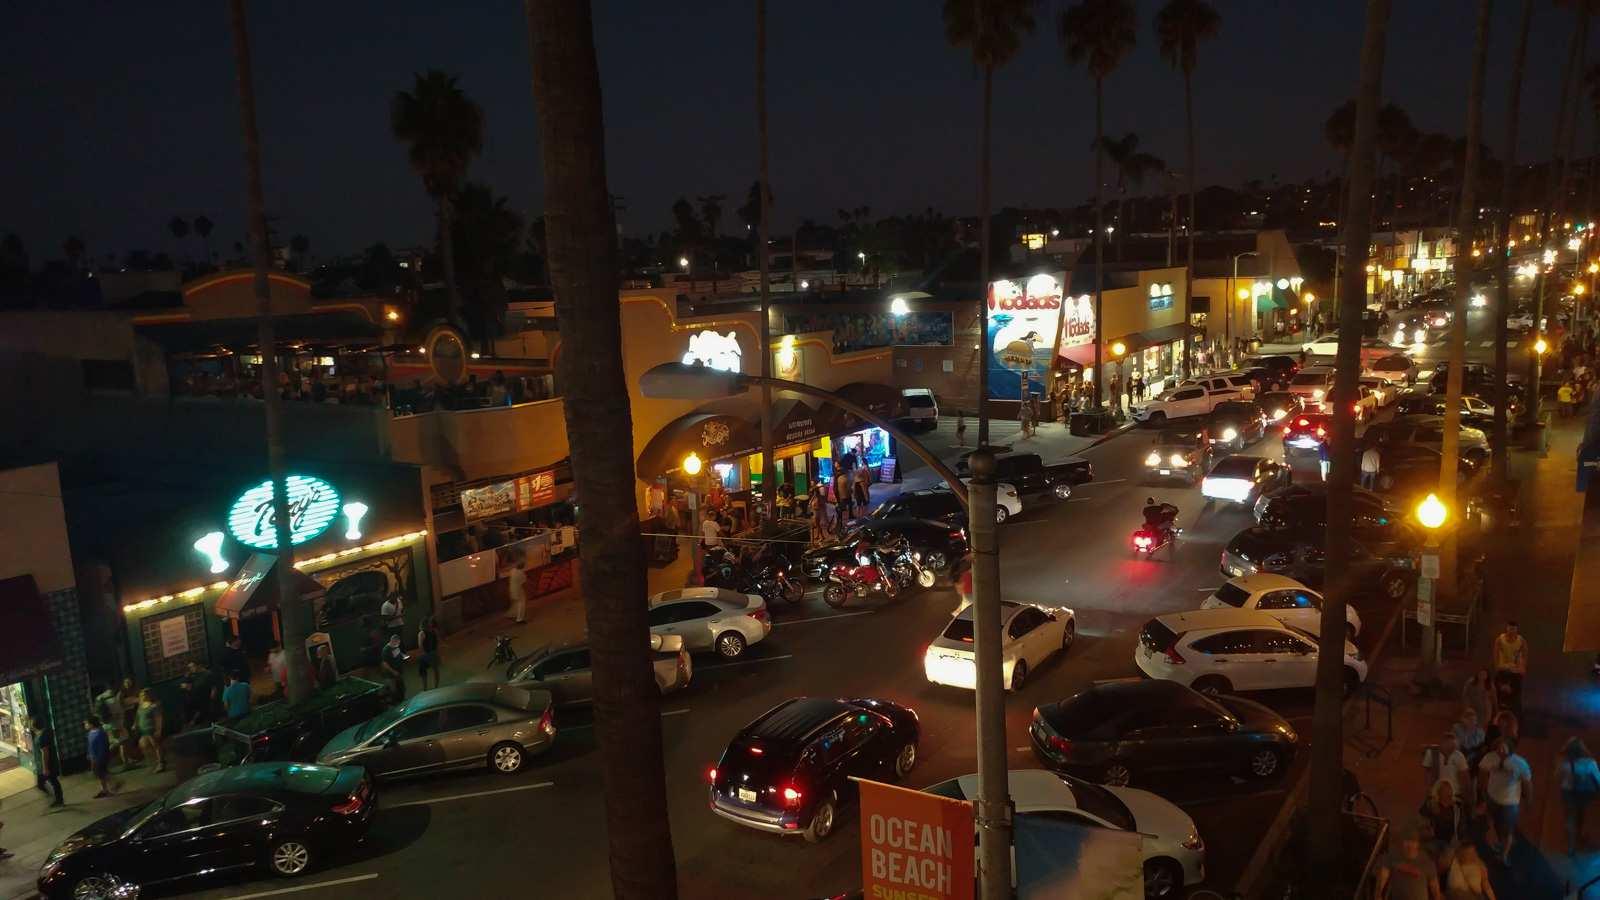 Tony's Sunshine Hodads San Diego Ocean Beach